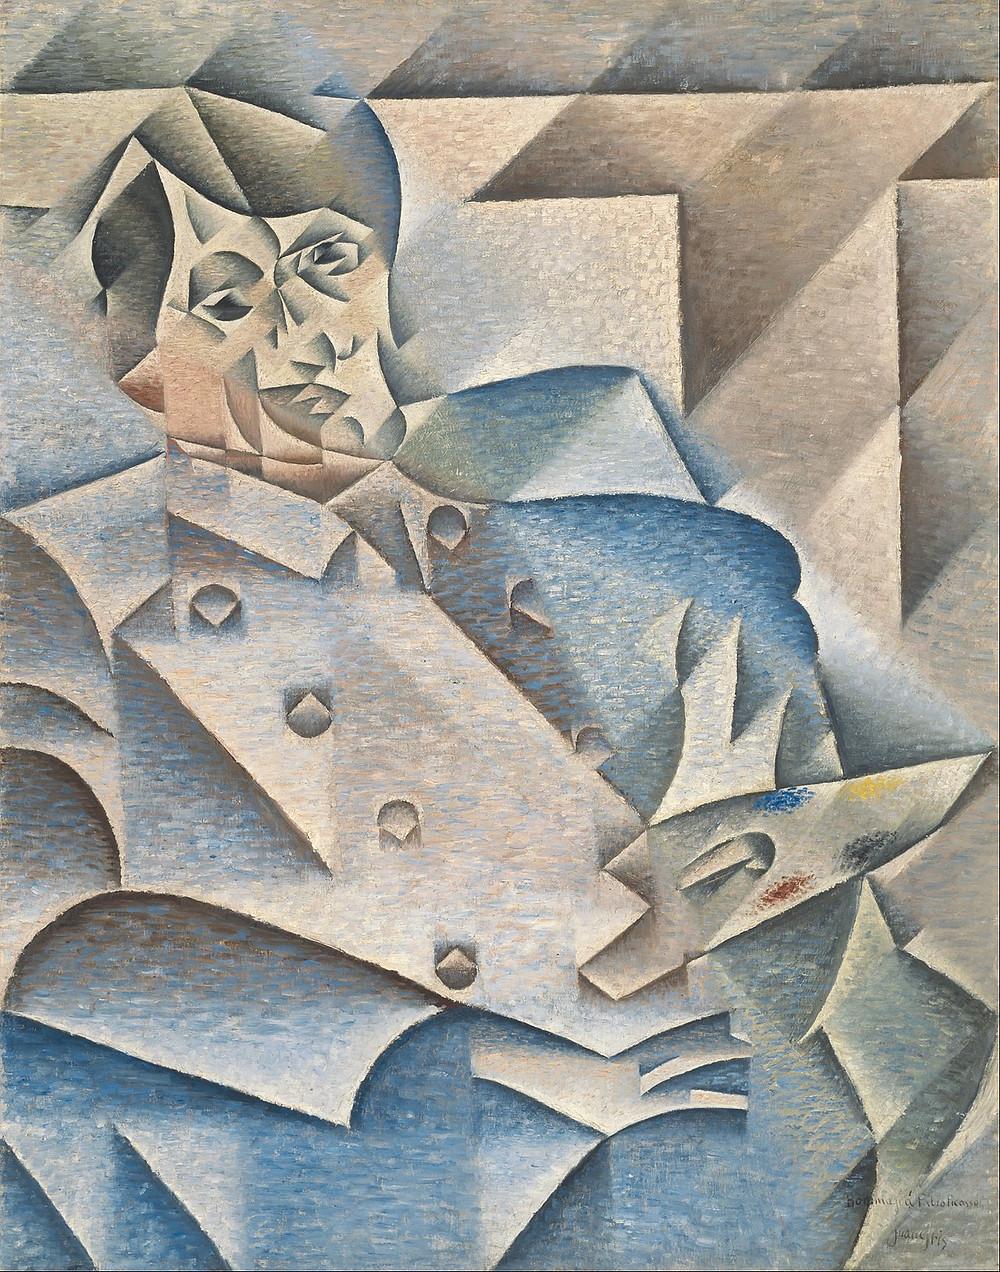 picasso-un-artiste-de-valeur-sure